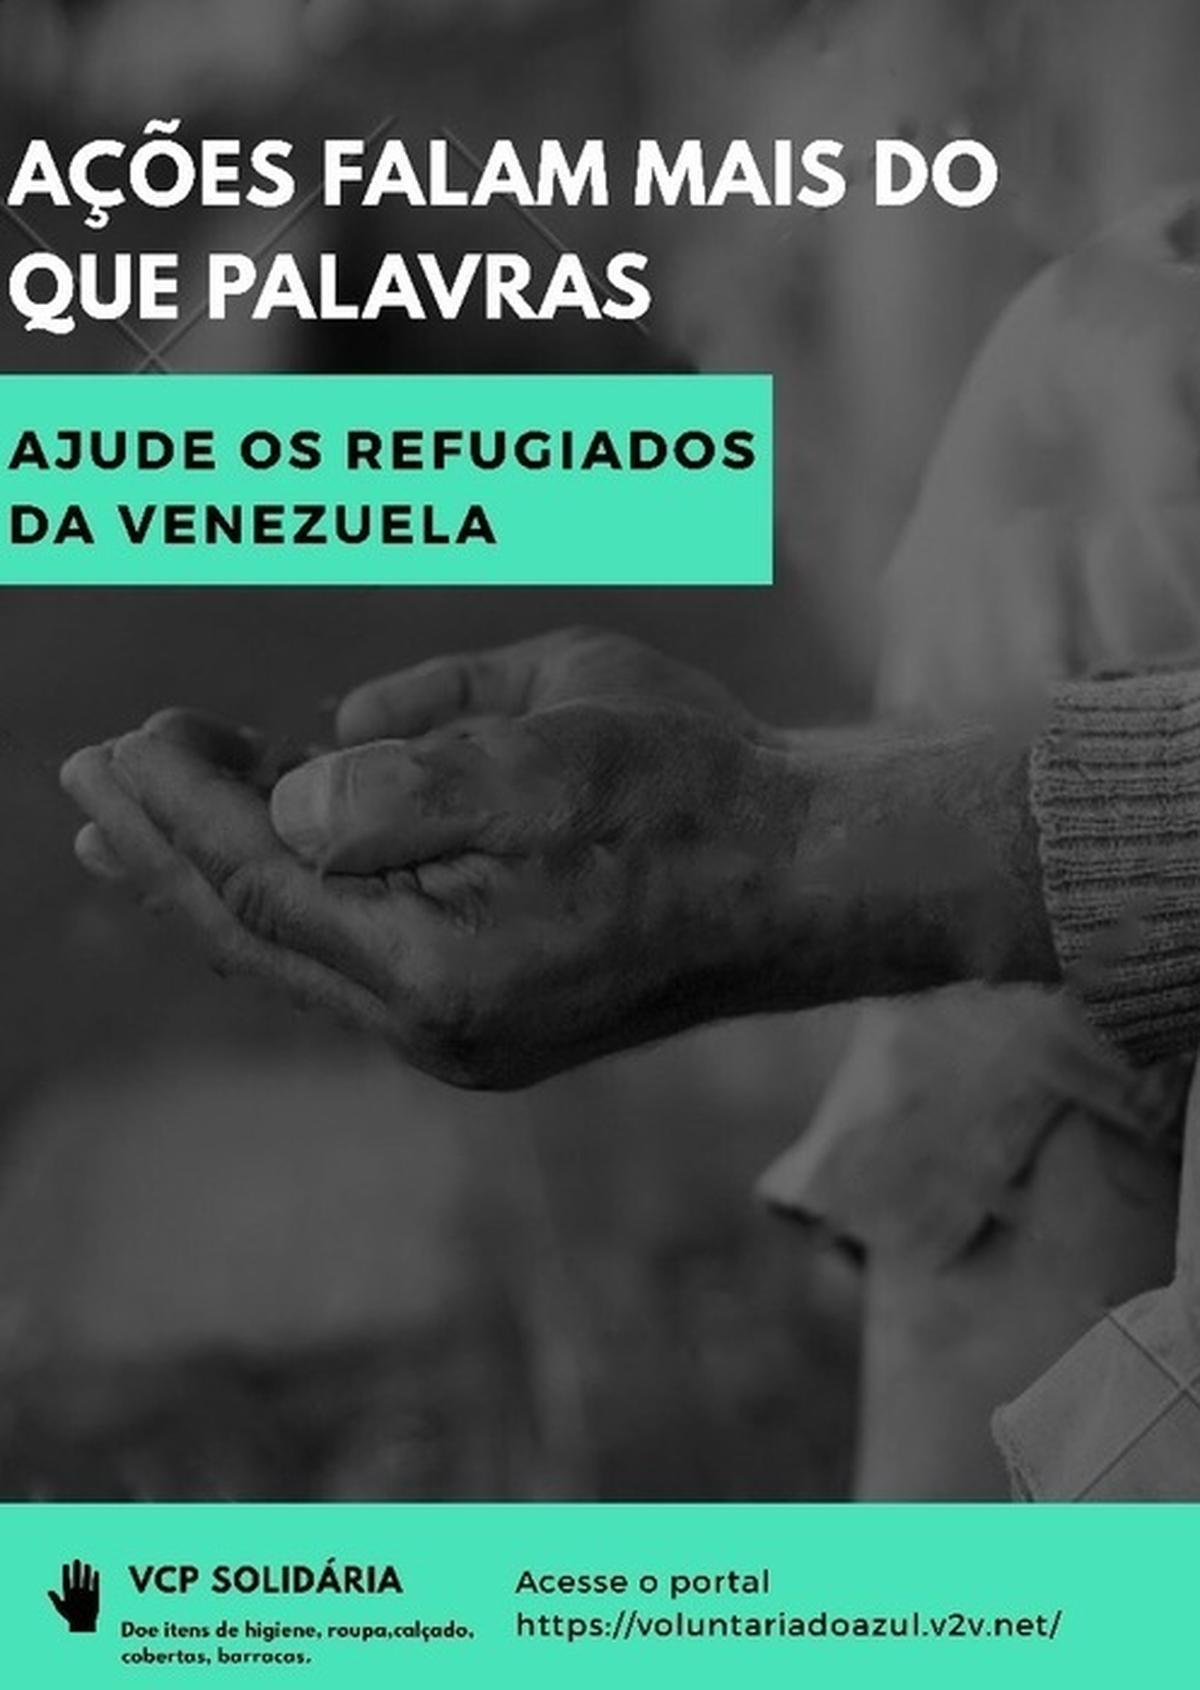 VCP SOLIDARIA - DOAÇÕES AOS REFUGIADOS VENEZUELANOS